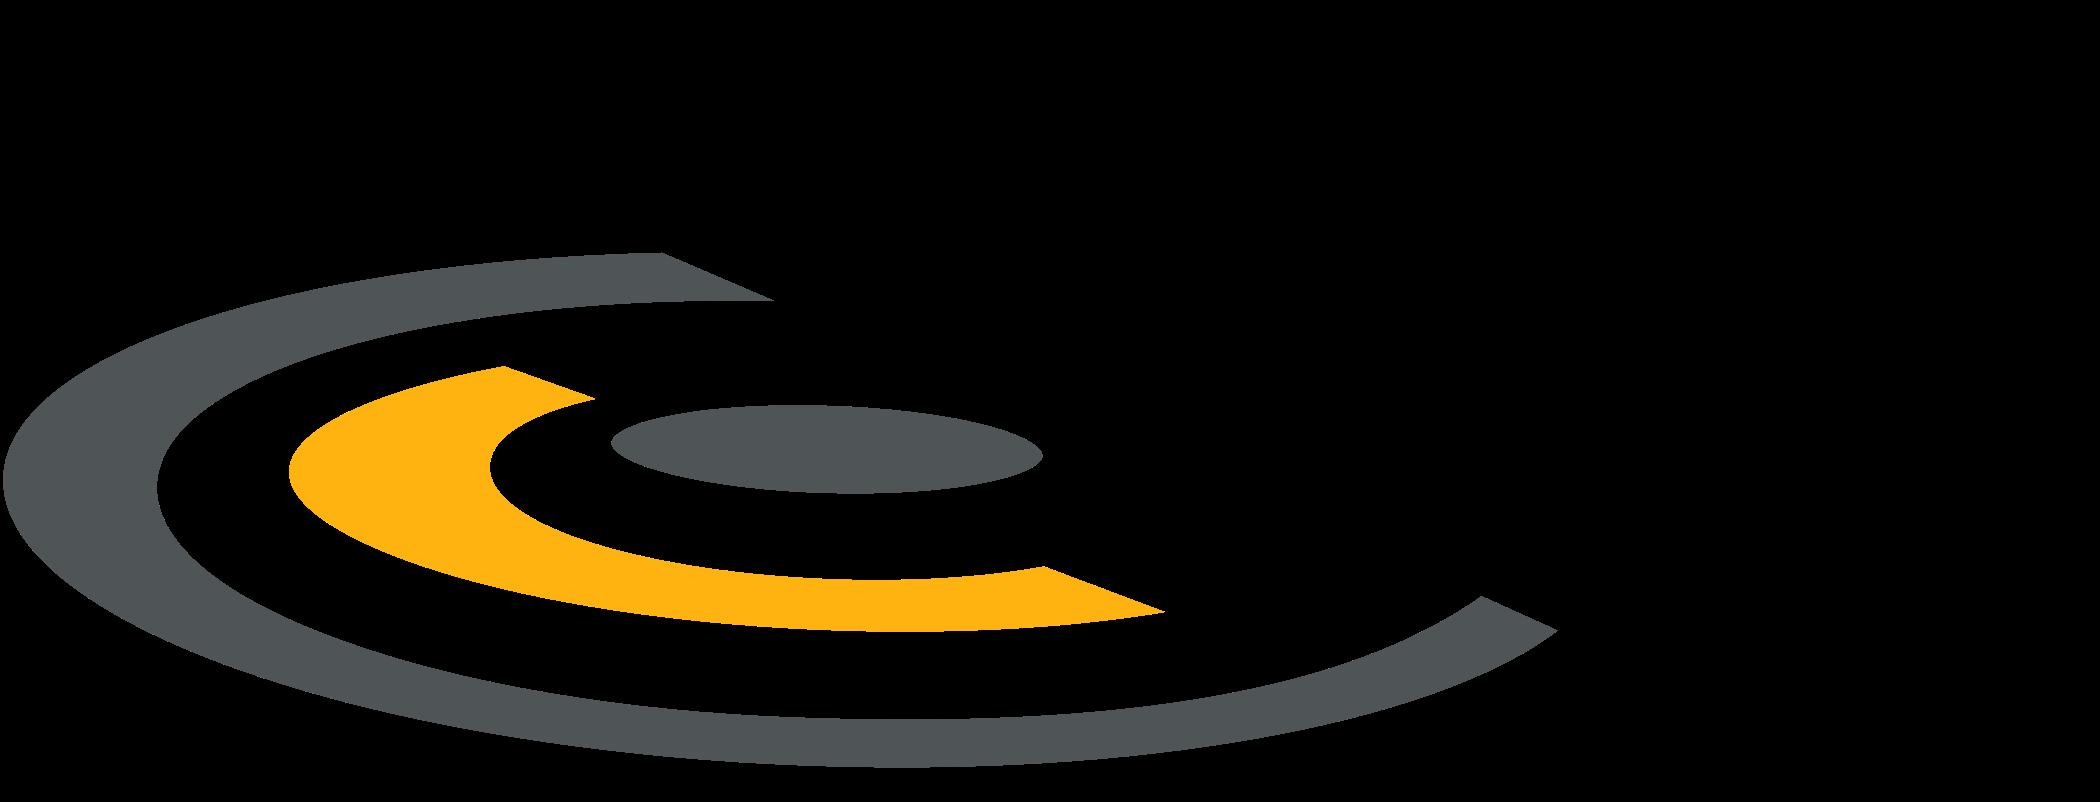 Camargo Corrêa Logo – Grupo Camargo Corrêa Logo - PNG e Vetor - Download de Logo